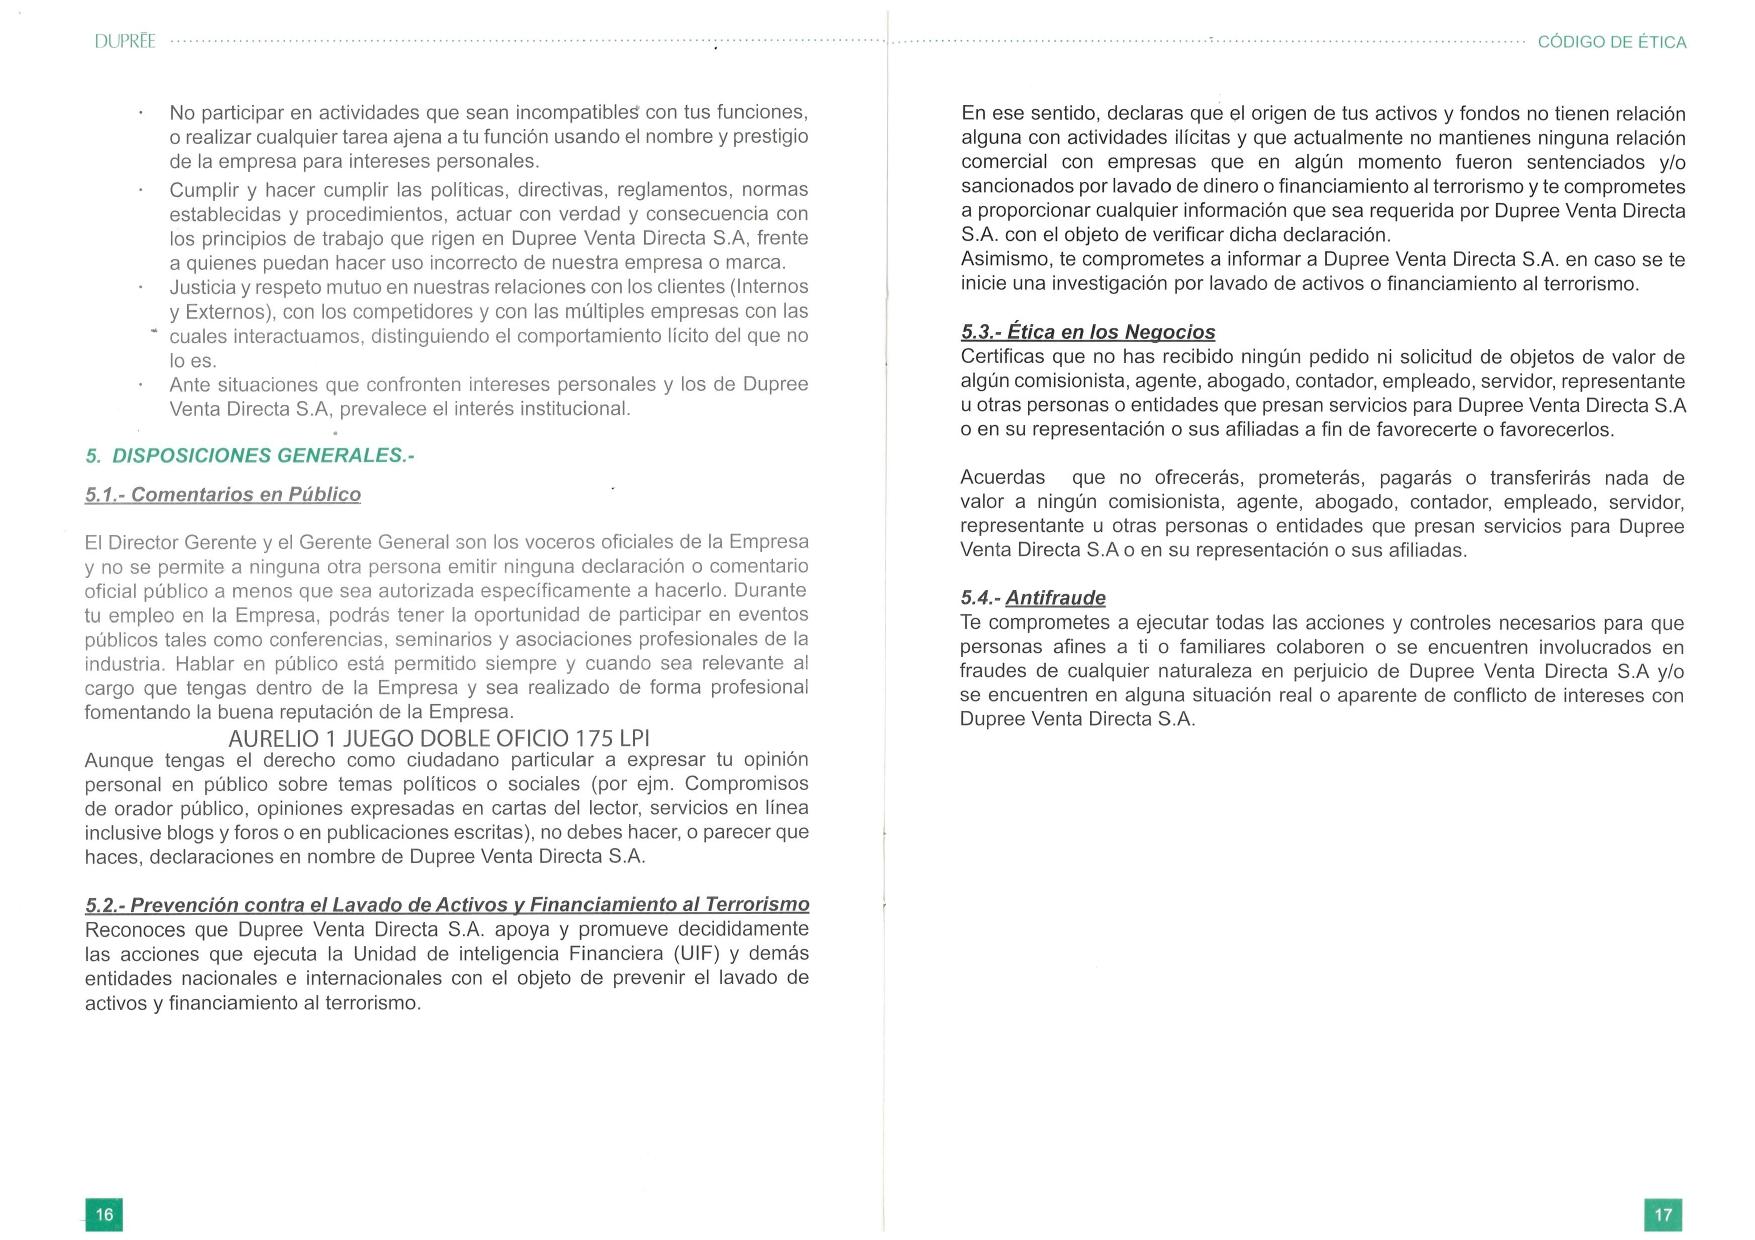 codigo-de-etica7